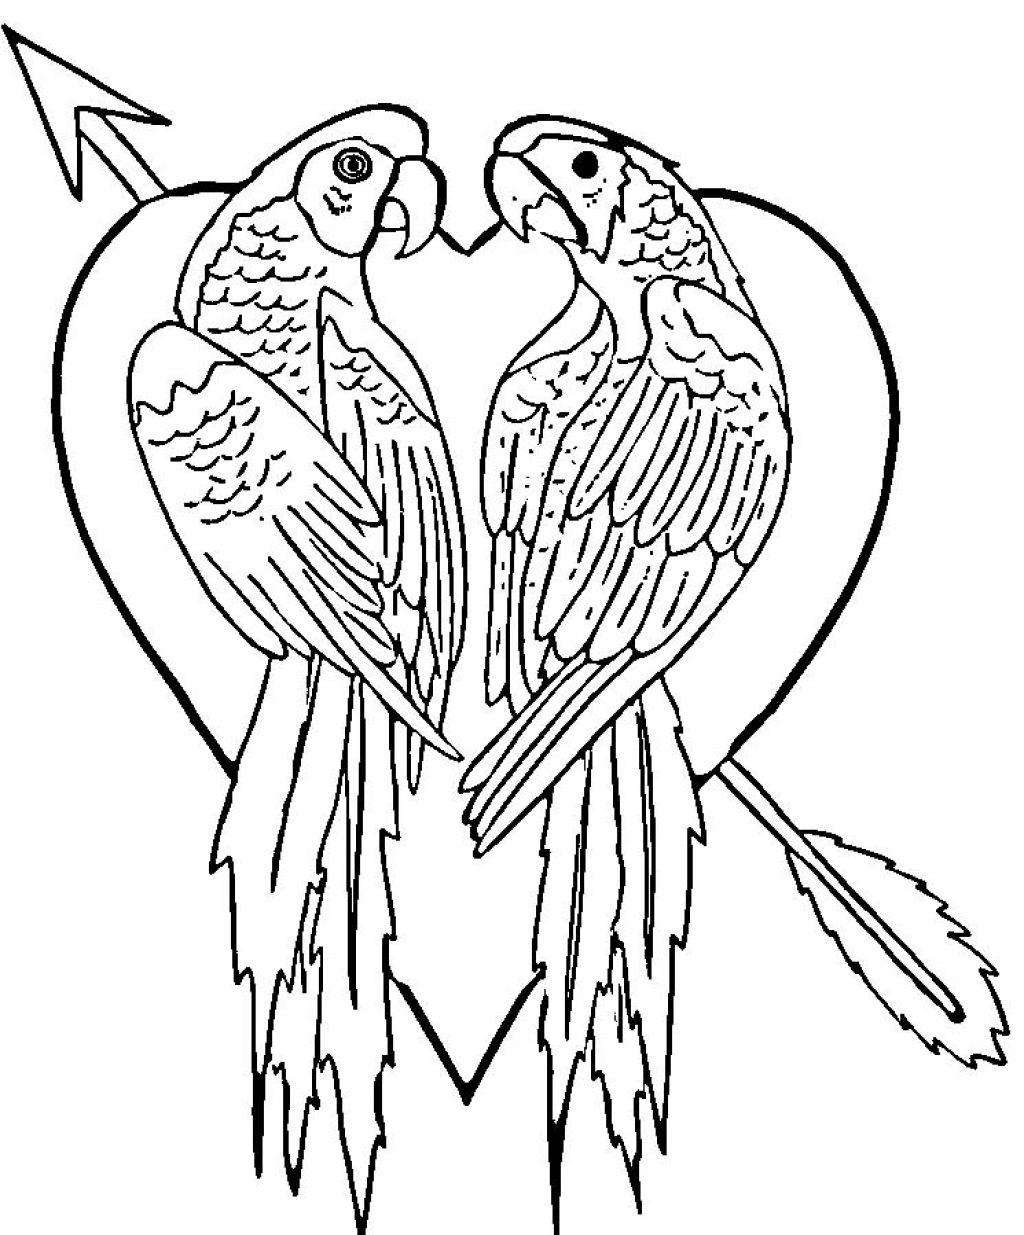 Imagens De Papagaios E Araras Para Imprimir E Colorir 10 Fichas